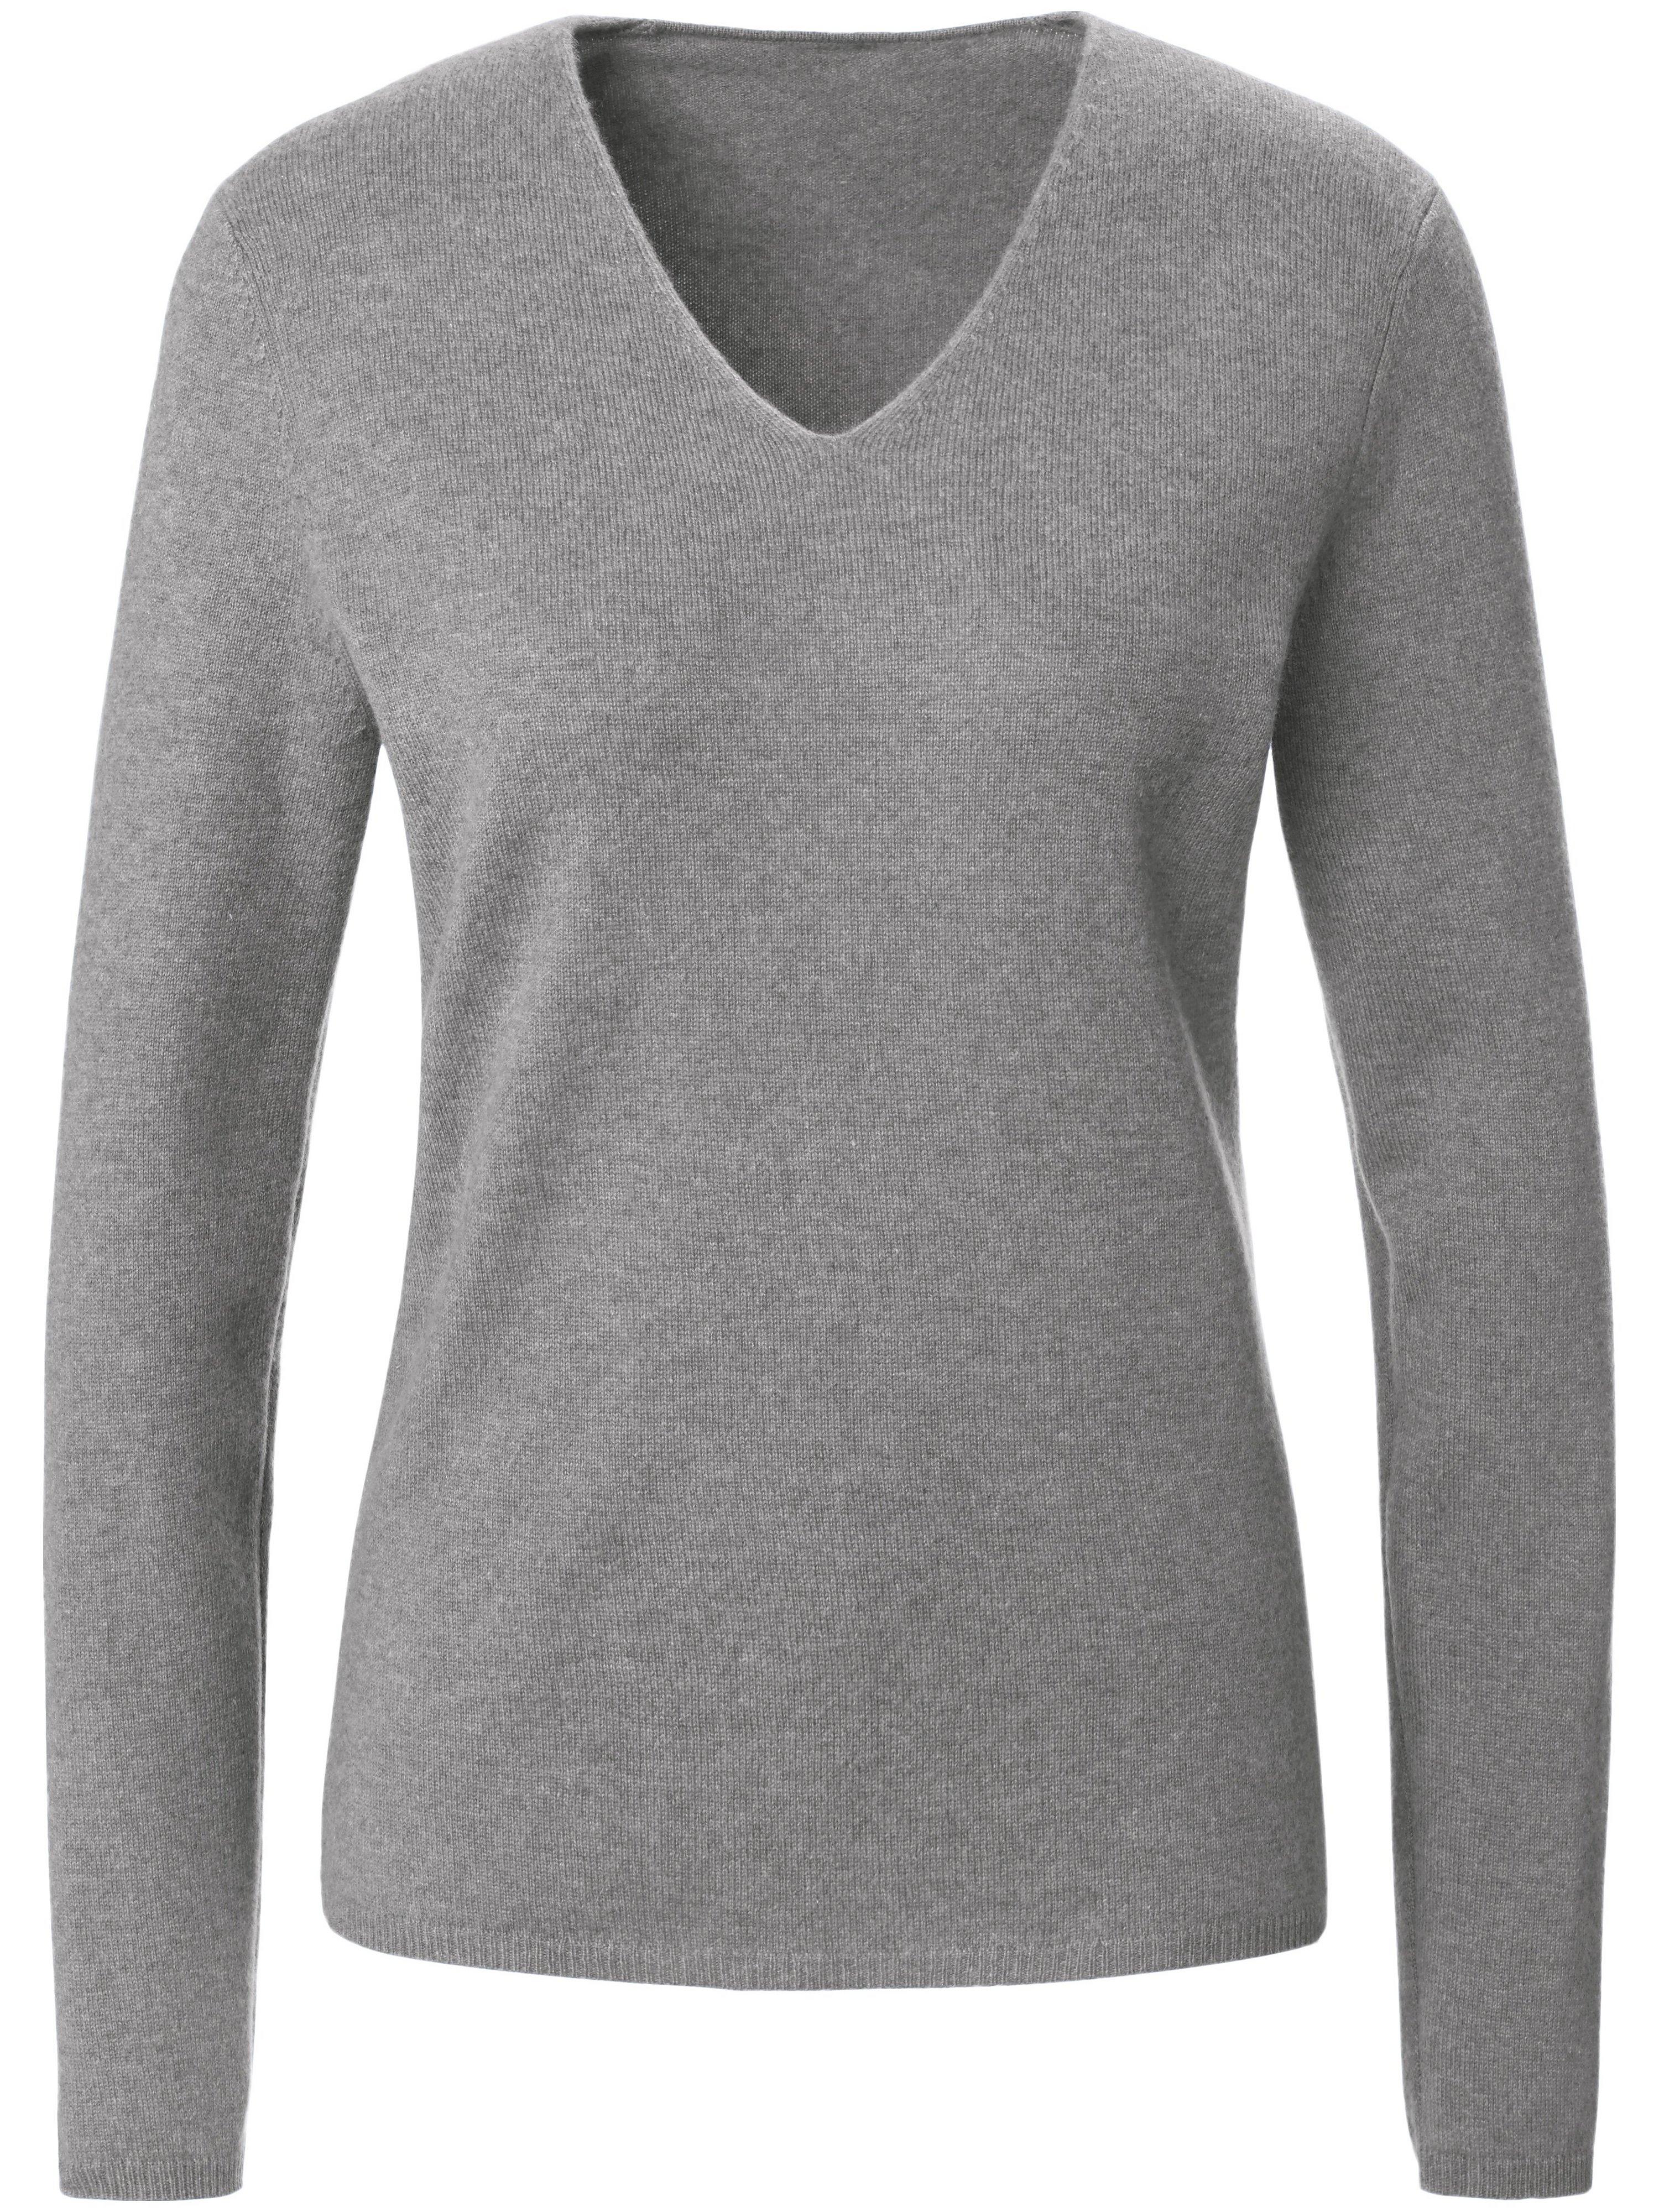 Le pull à encolure en V  include gris